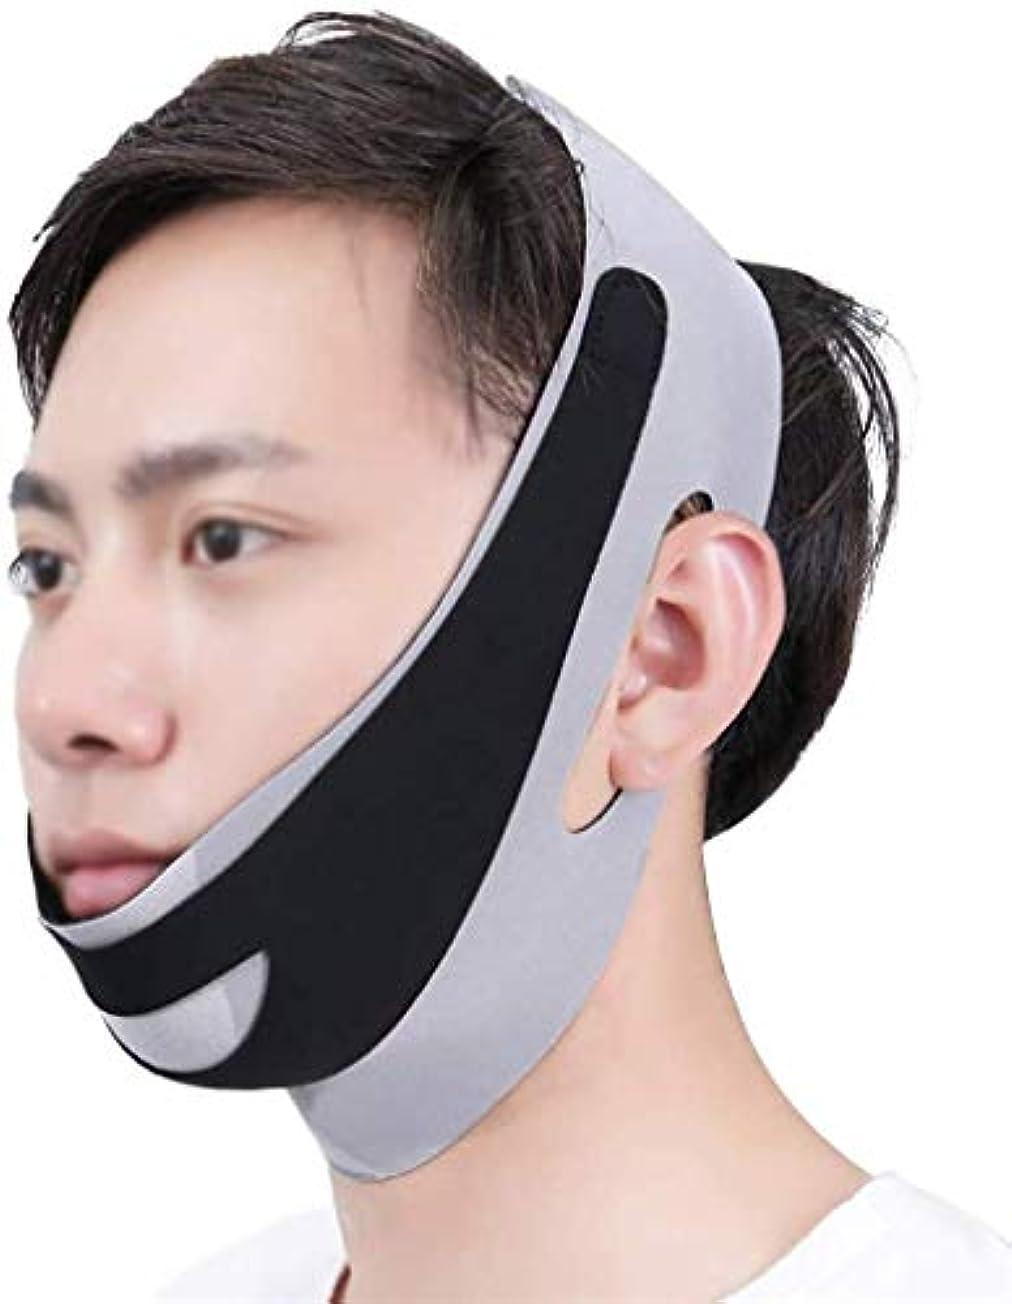 いつもデイジー消費する美しさと実用的な顔と首のリフト術後の弾性フェイスマスク小さなV顔アーティファクト薄い顔包帯アーティファクトV顔ぶら下げ耳リフティング引き締め男性の顔アーティファクト